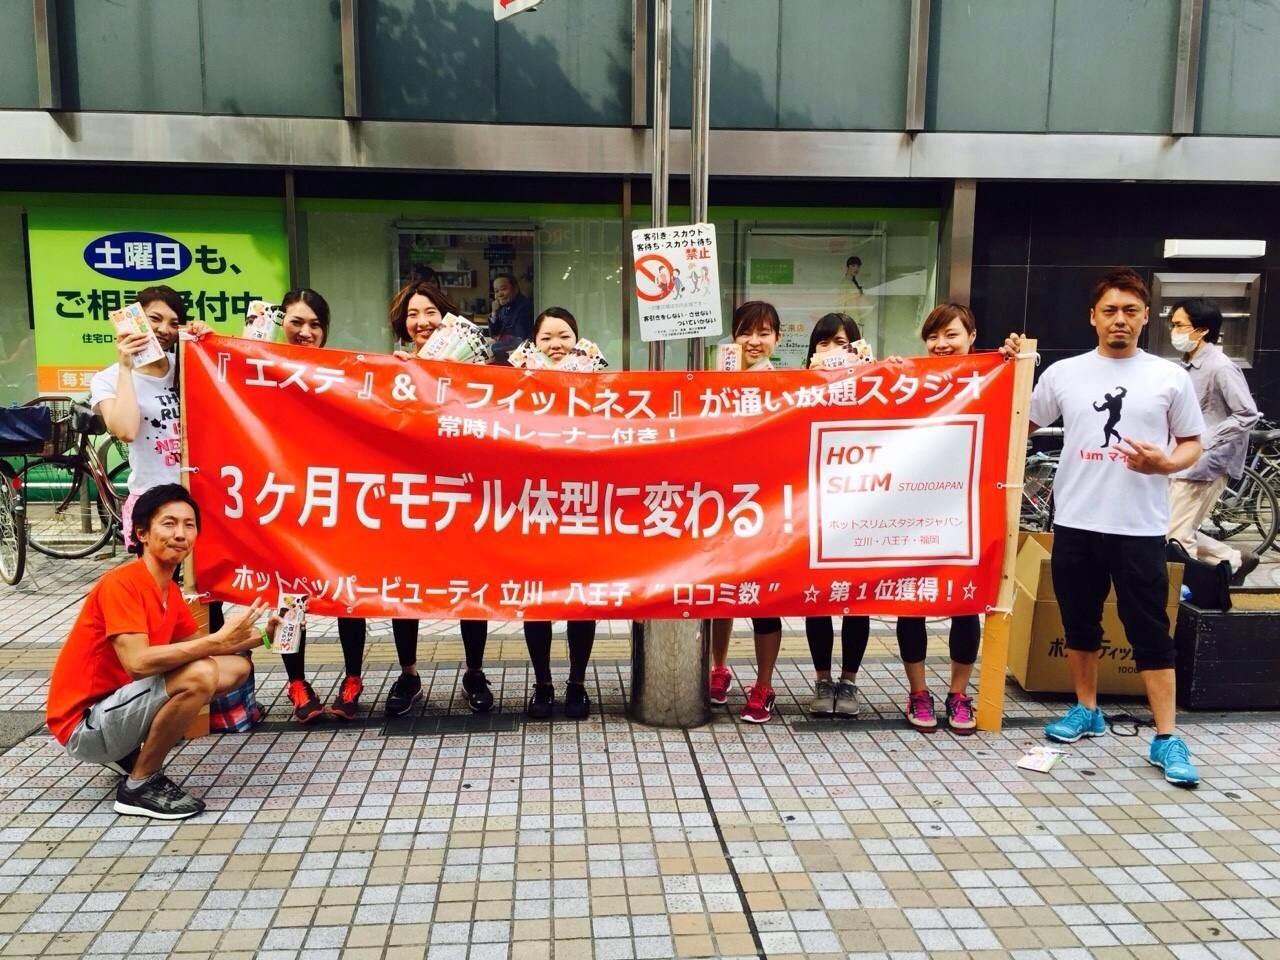 ホットスリムスタジオジャパン 八王子店 のアルバイト情報